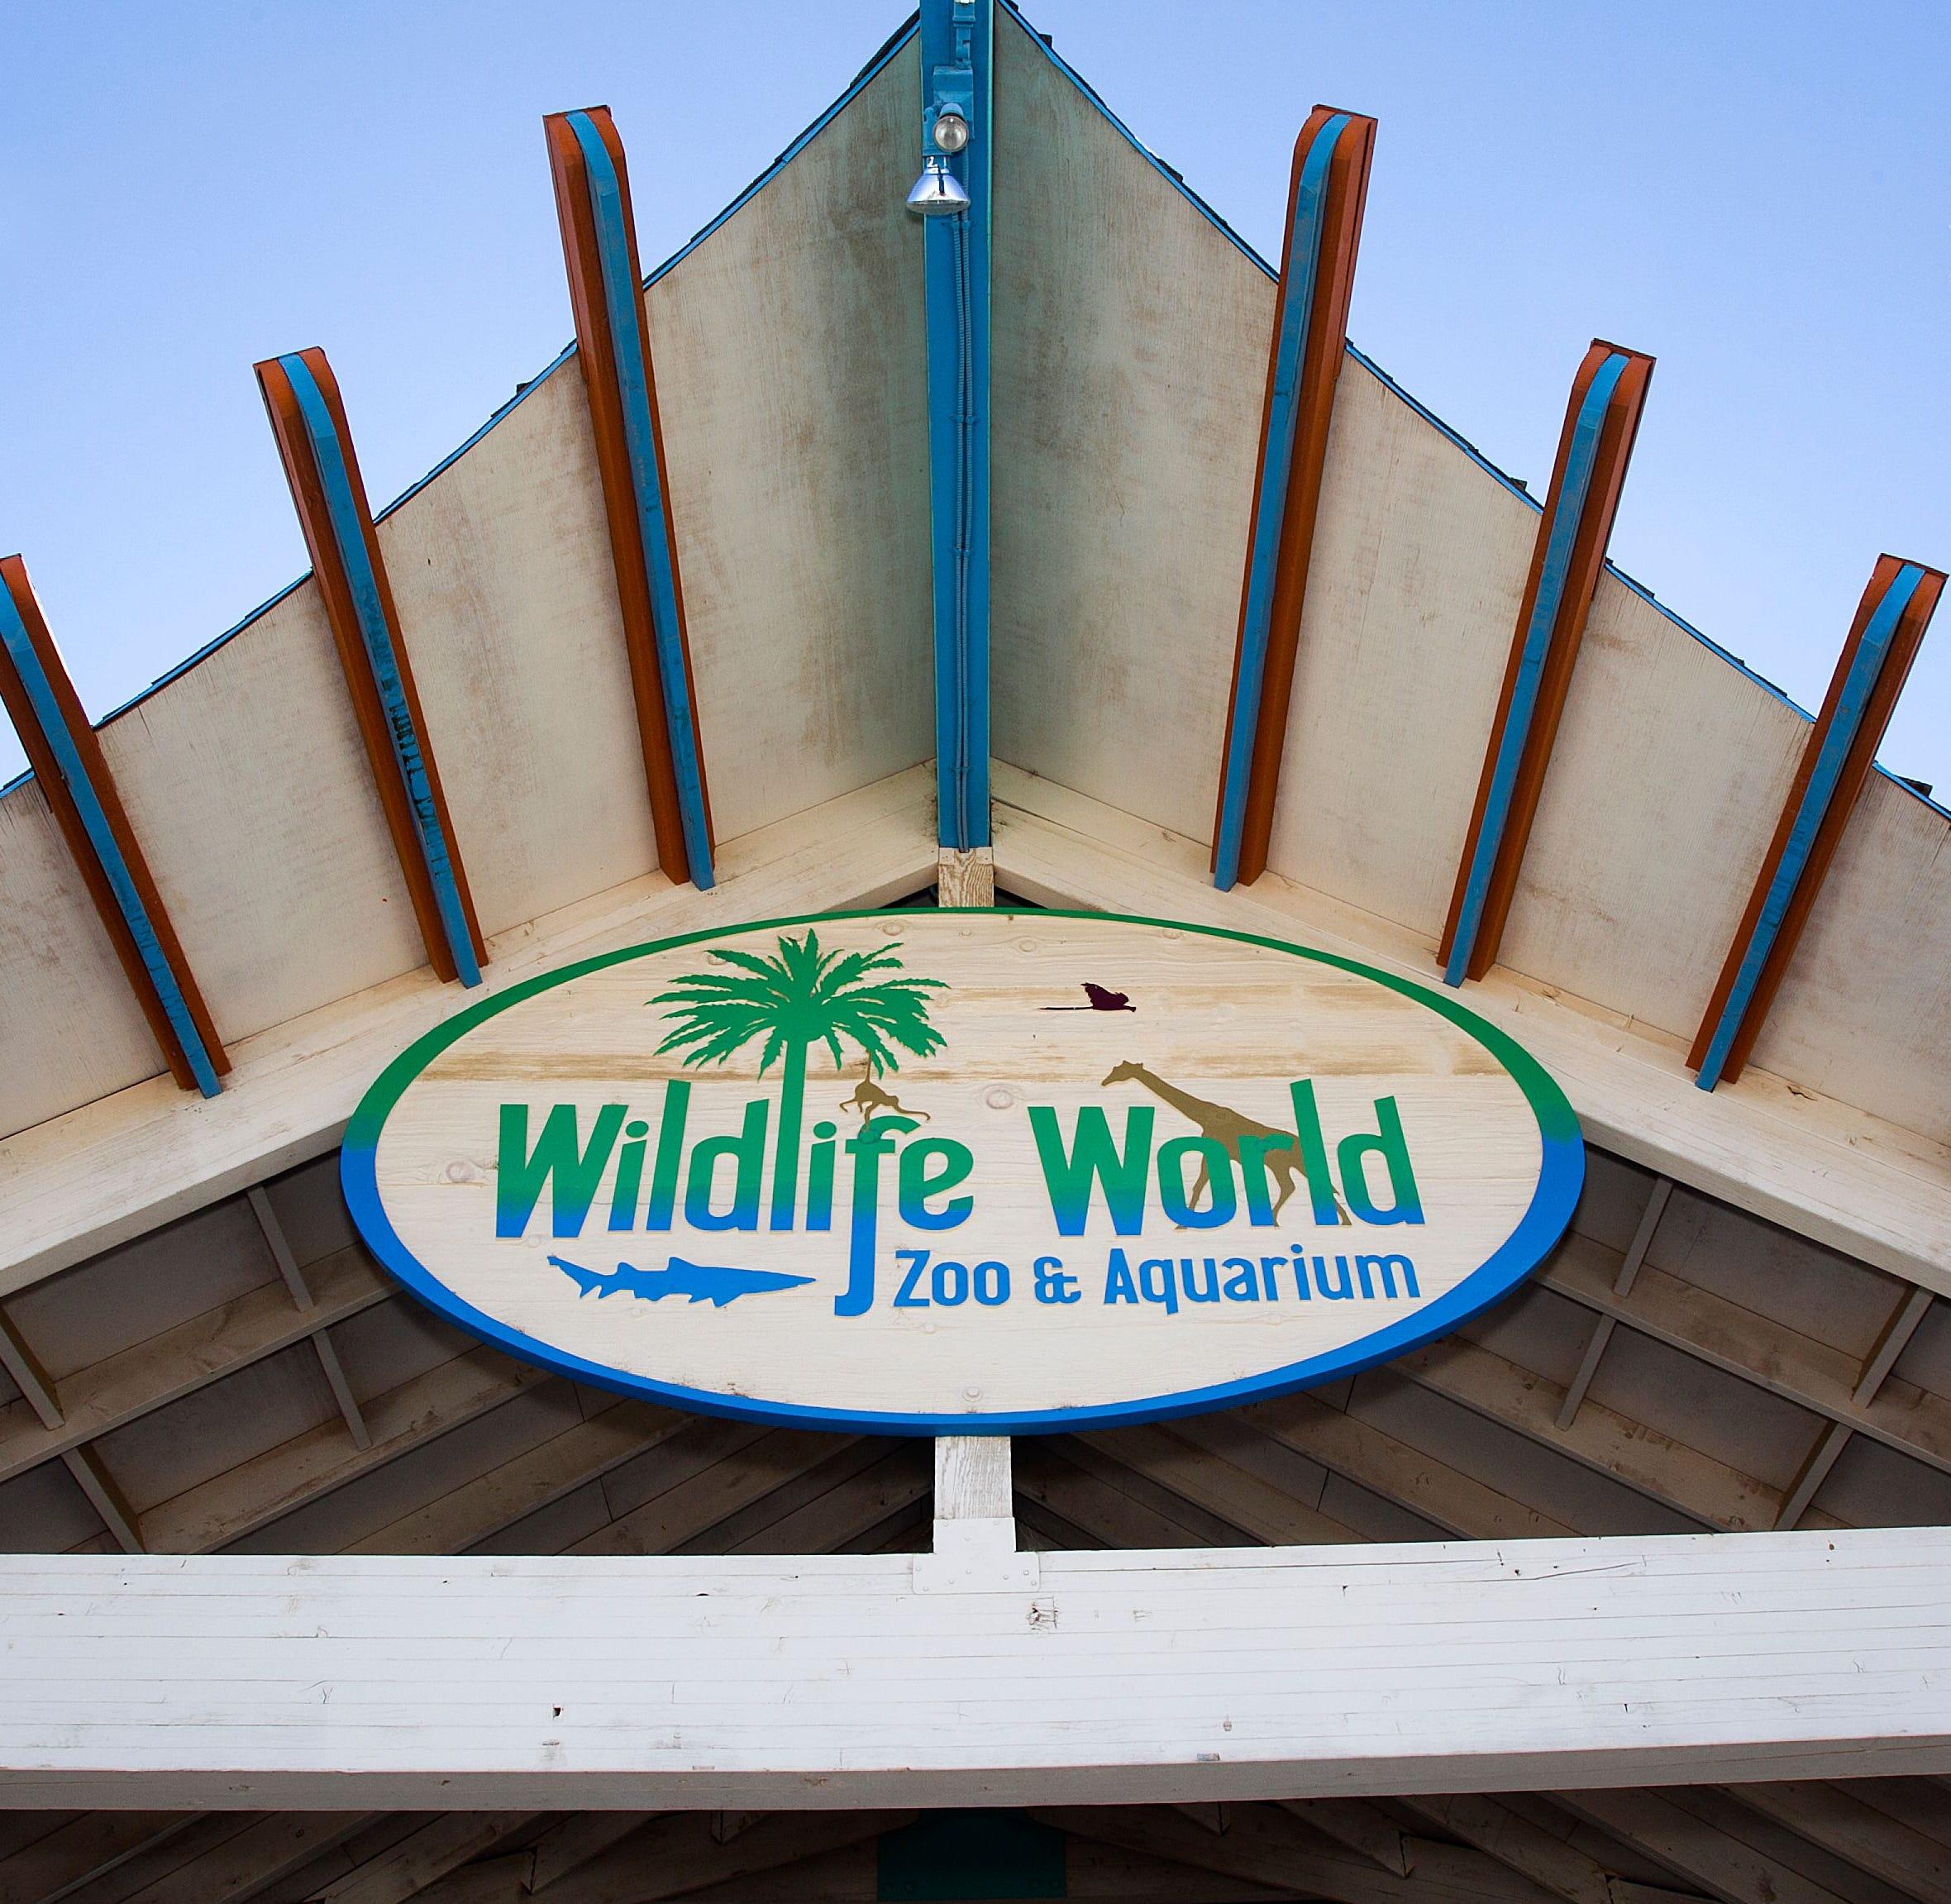 Wildlife World Zoo, Aquarium and Safari Park